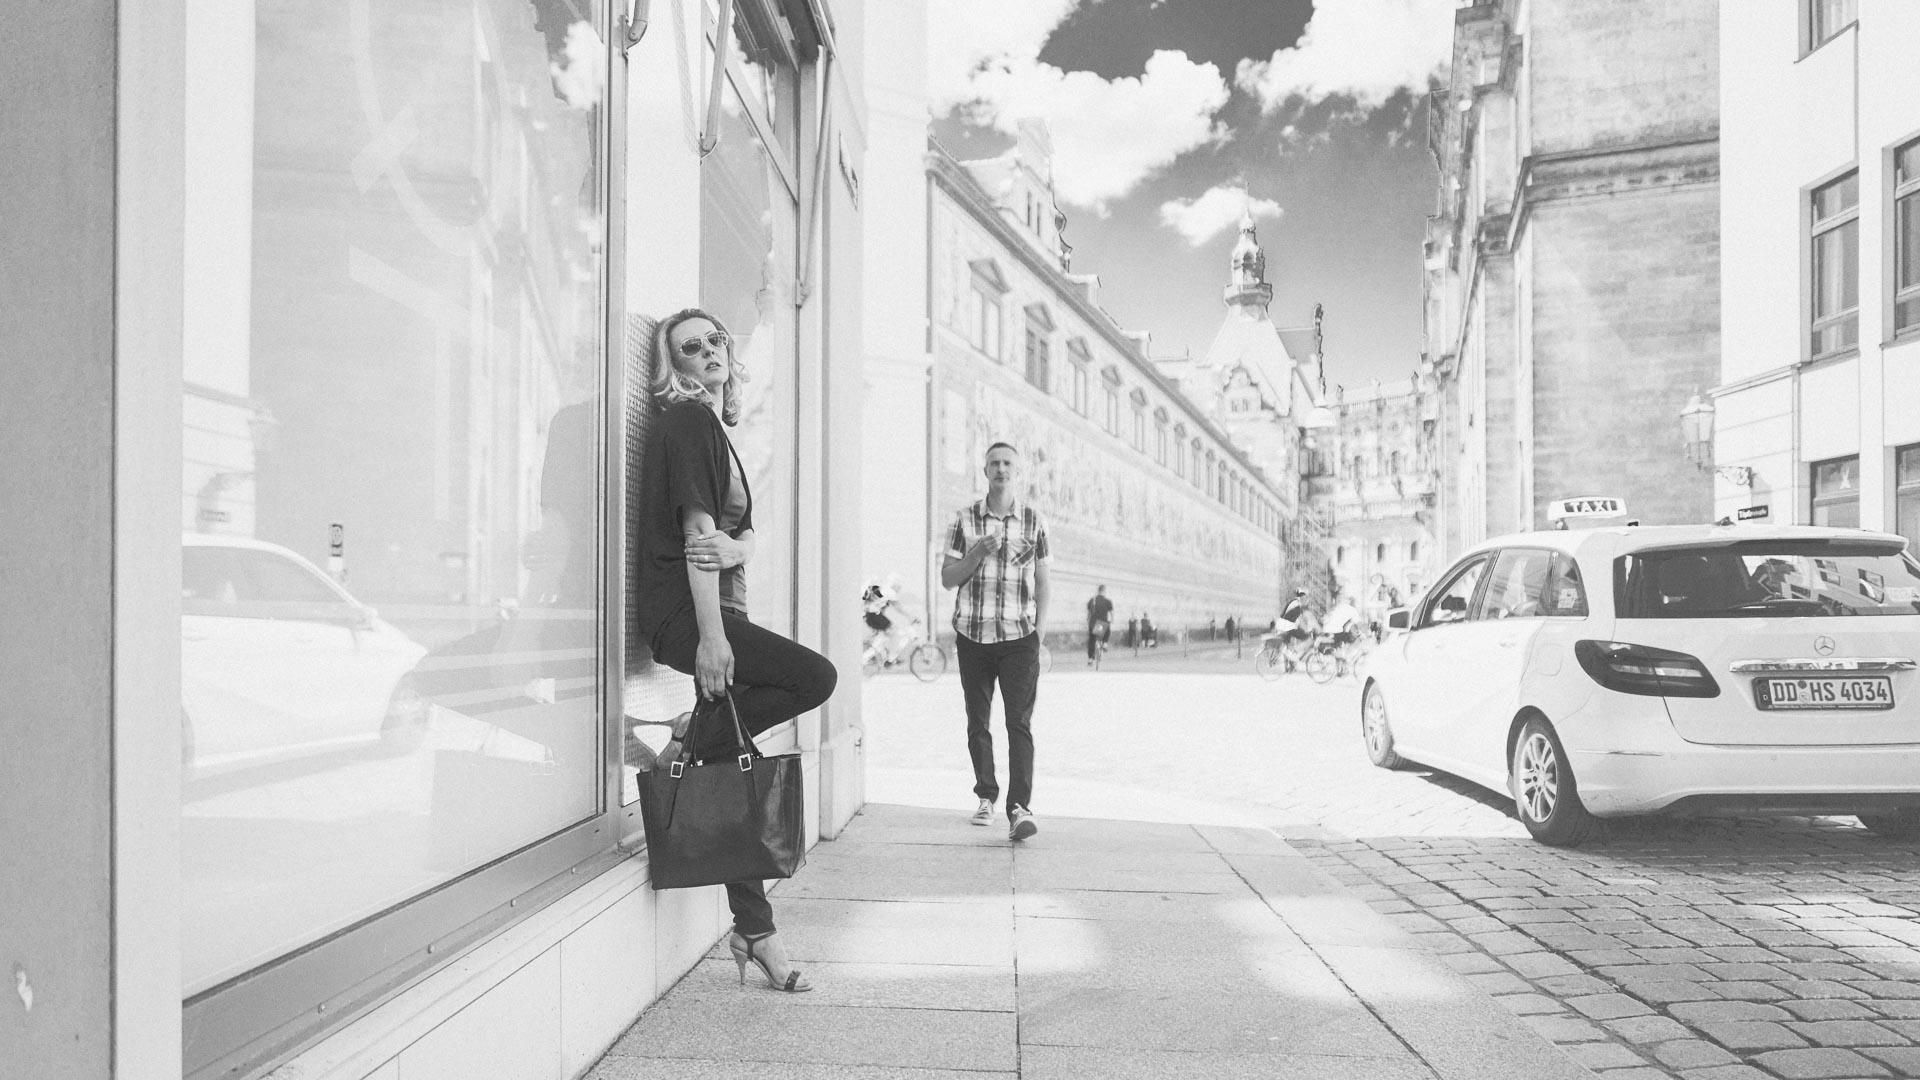 Paar_Fotoshooting_Dresden-30-1.jpg